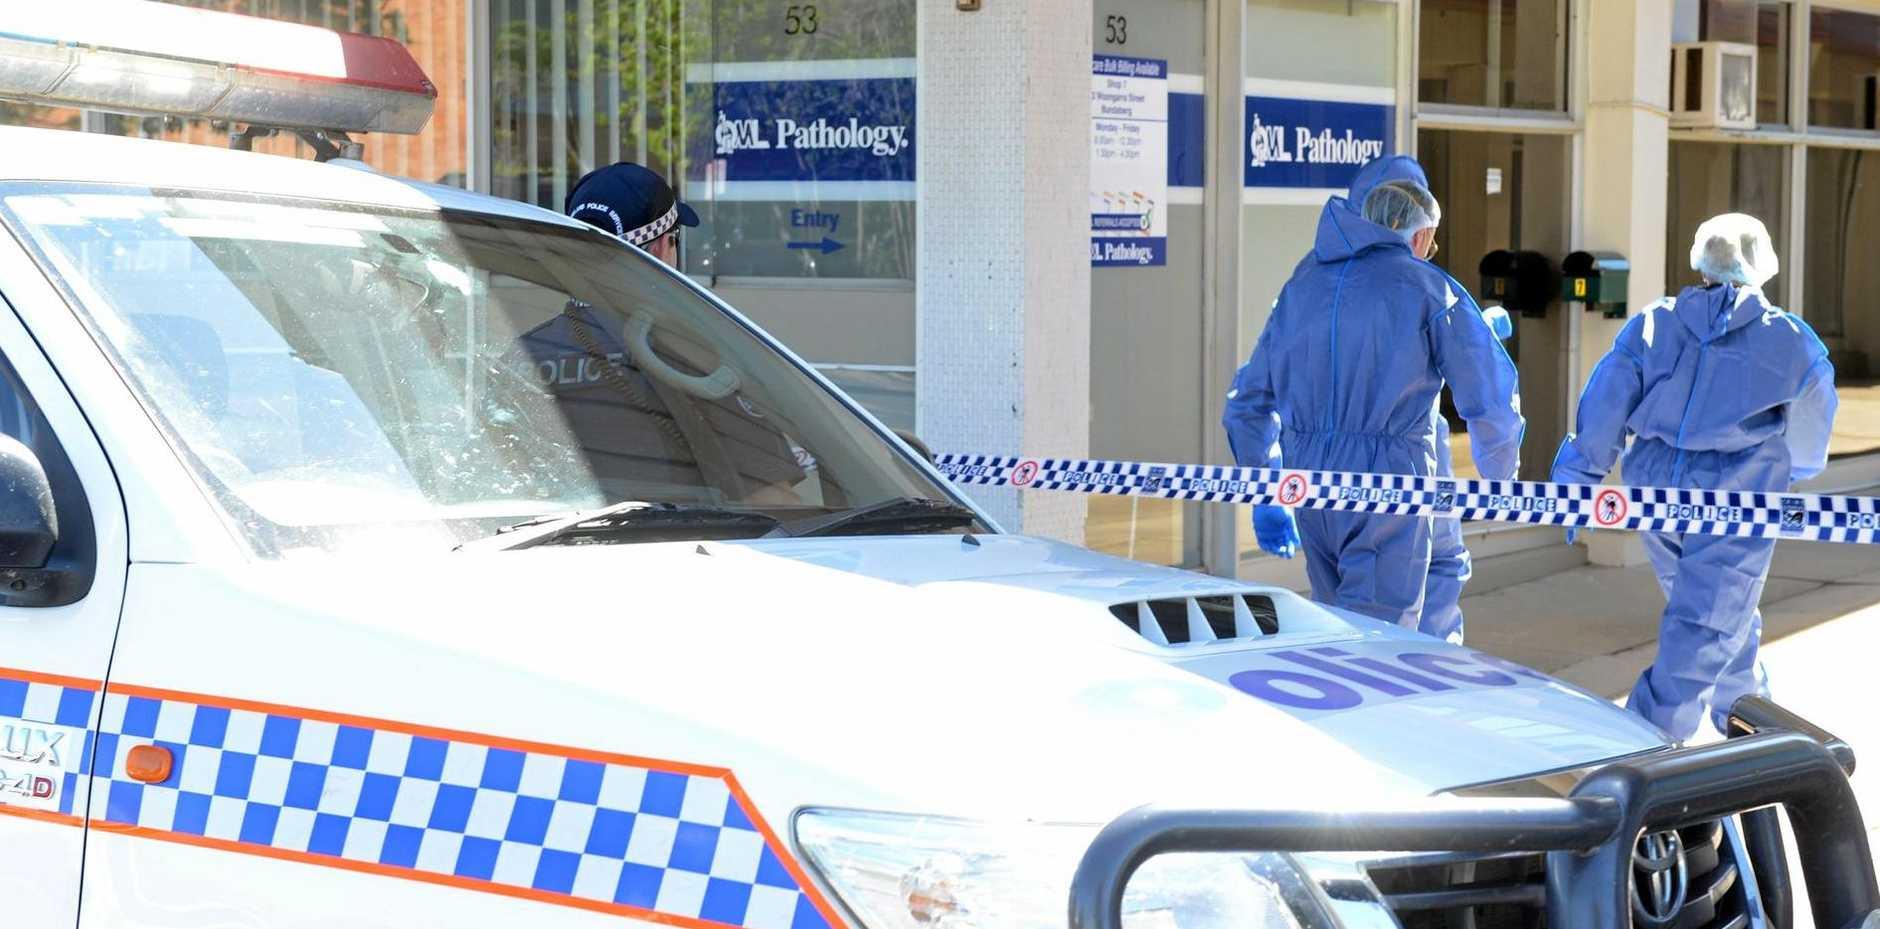 CRIME SCENE: Police arrive at the Bundaberg CBD to investigate.